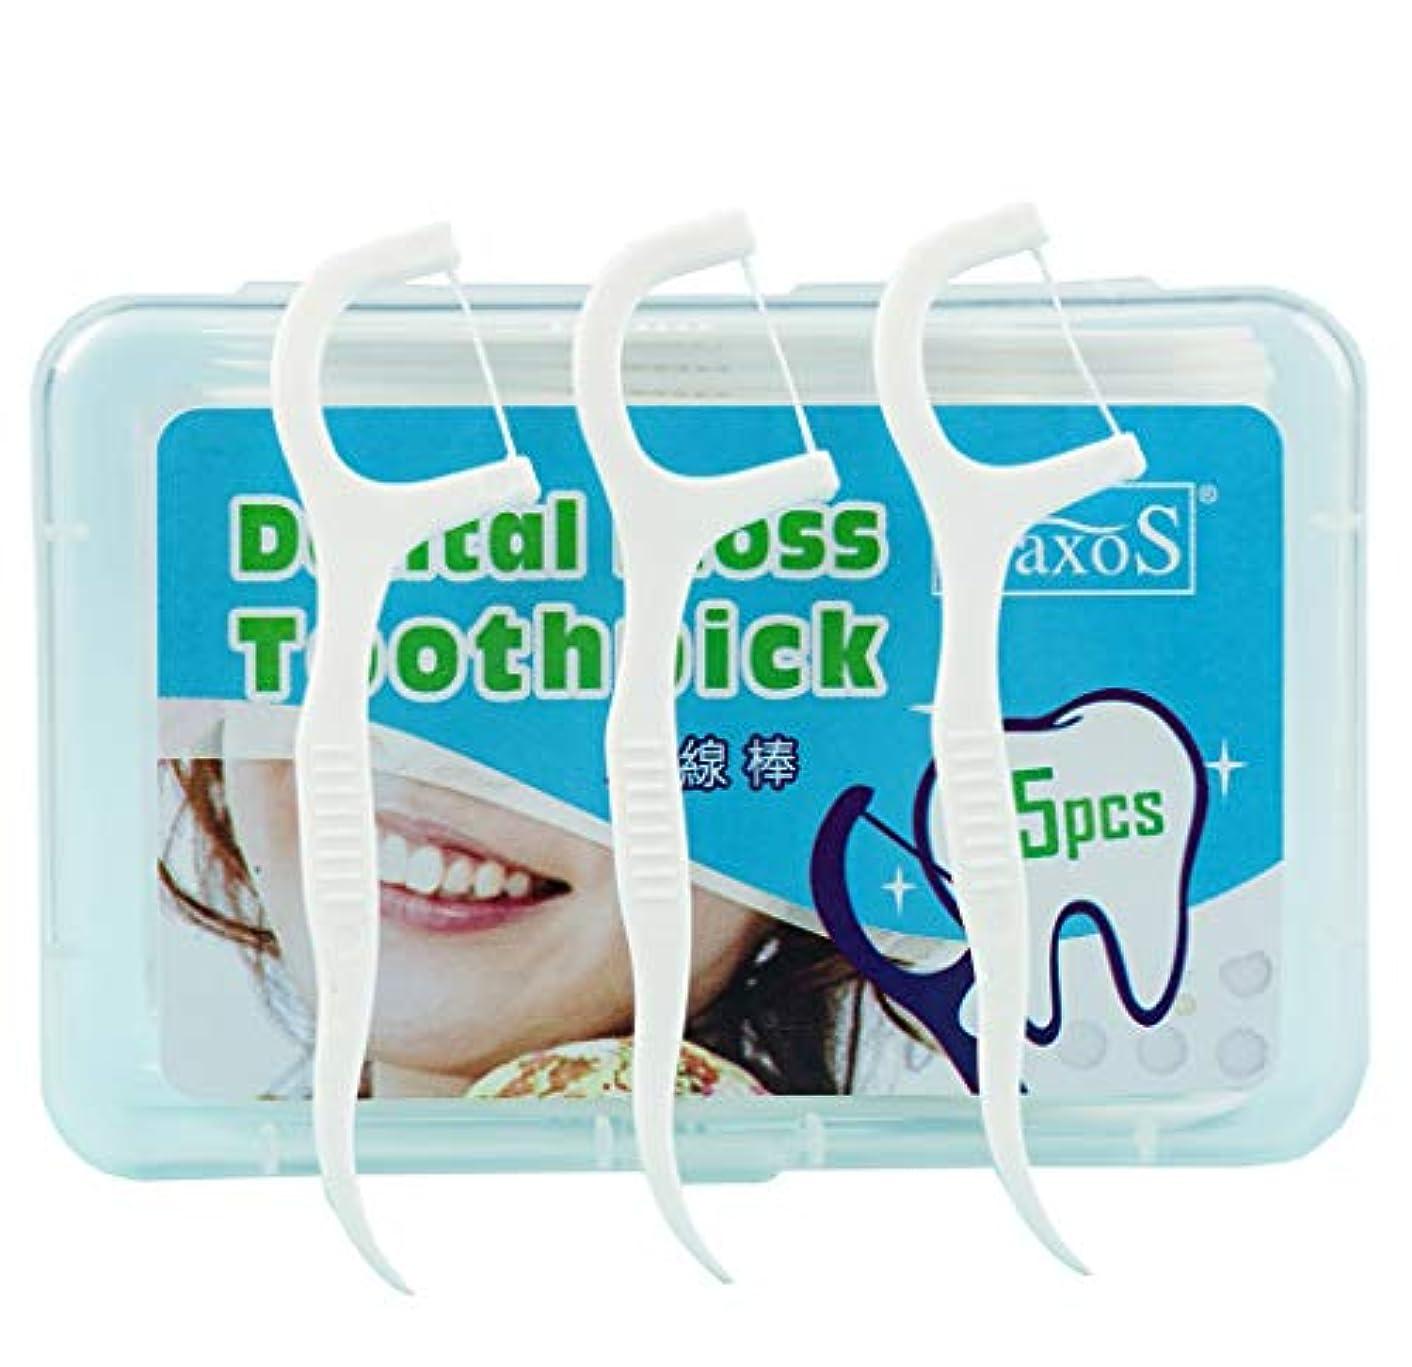 コンパスパスタ遠征オーラルケア フロス 歯 間 ブラシ デンタルフロス 歯間 クリーナー (3 箱)